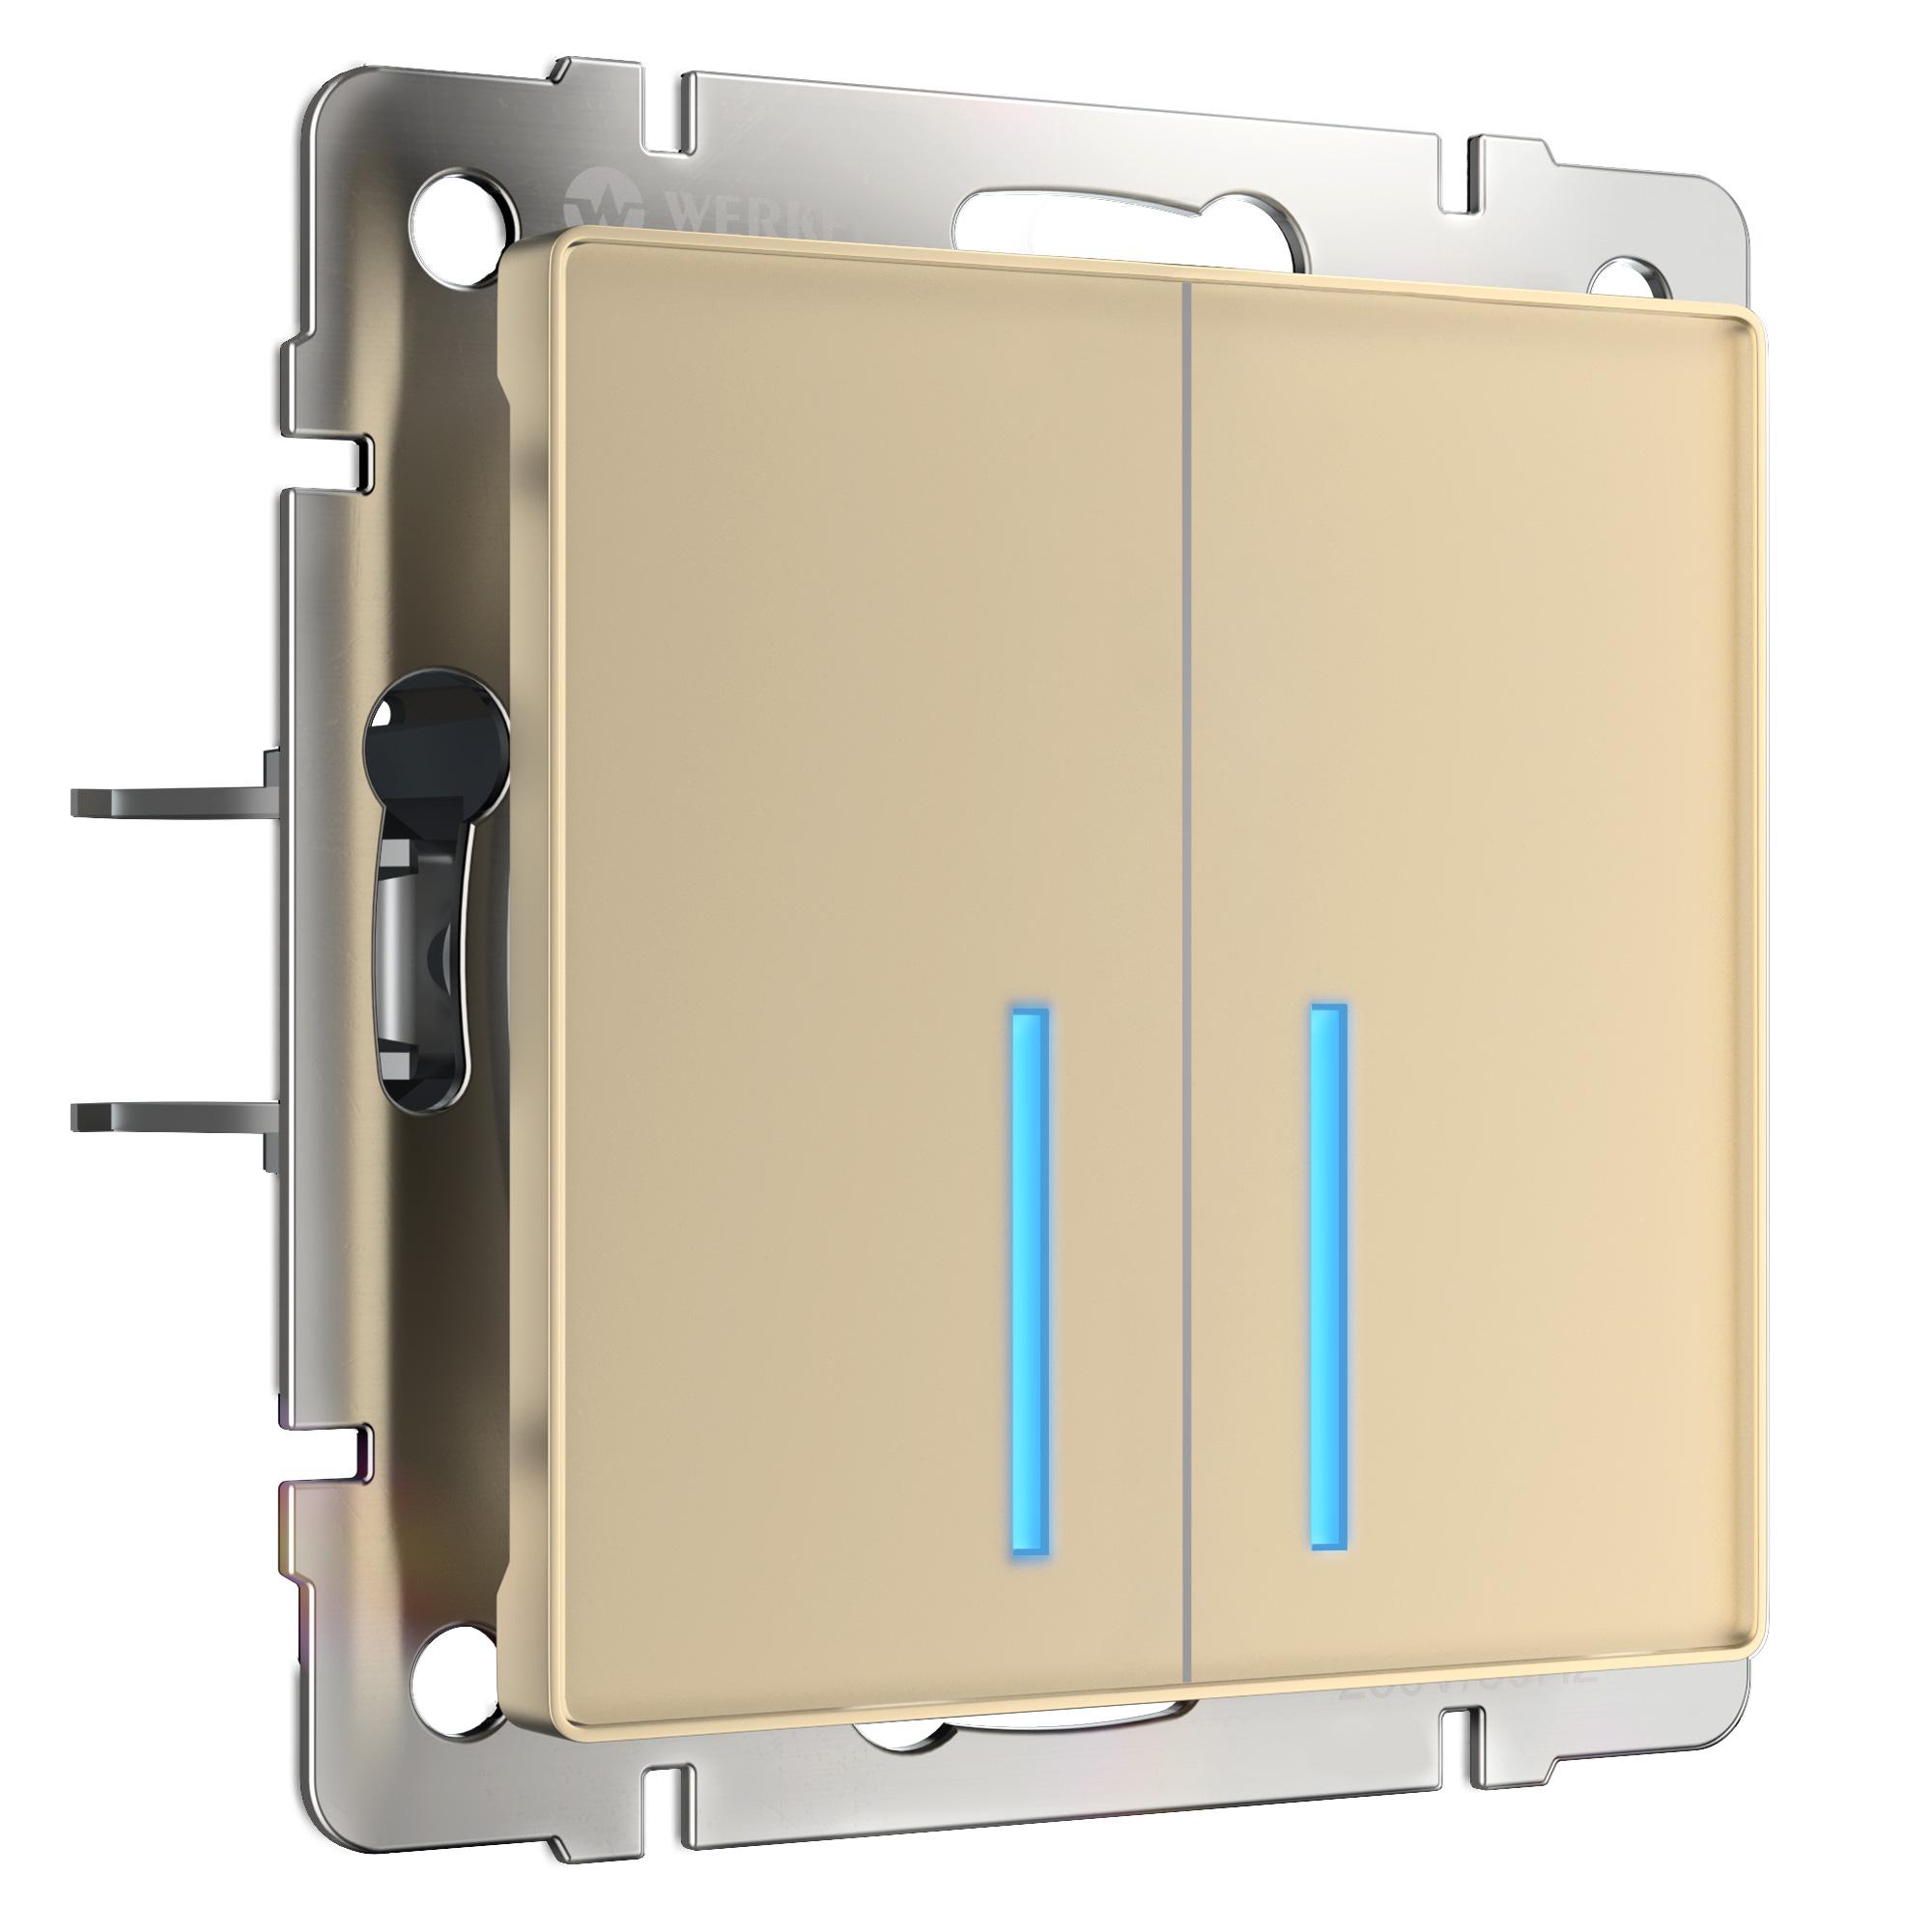 Сенсорный выключатель двухклавишный с подсветкой (шампань) W4520111